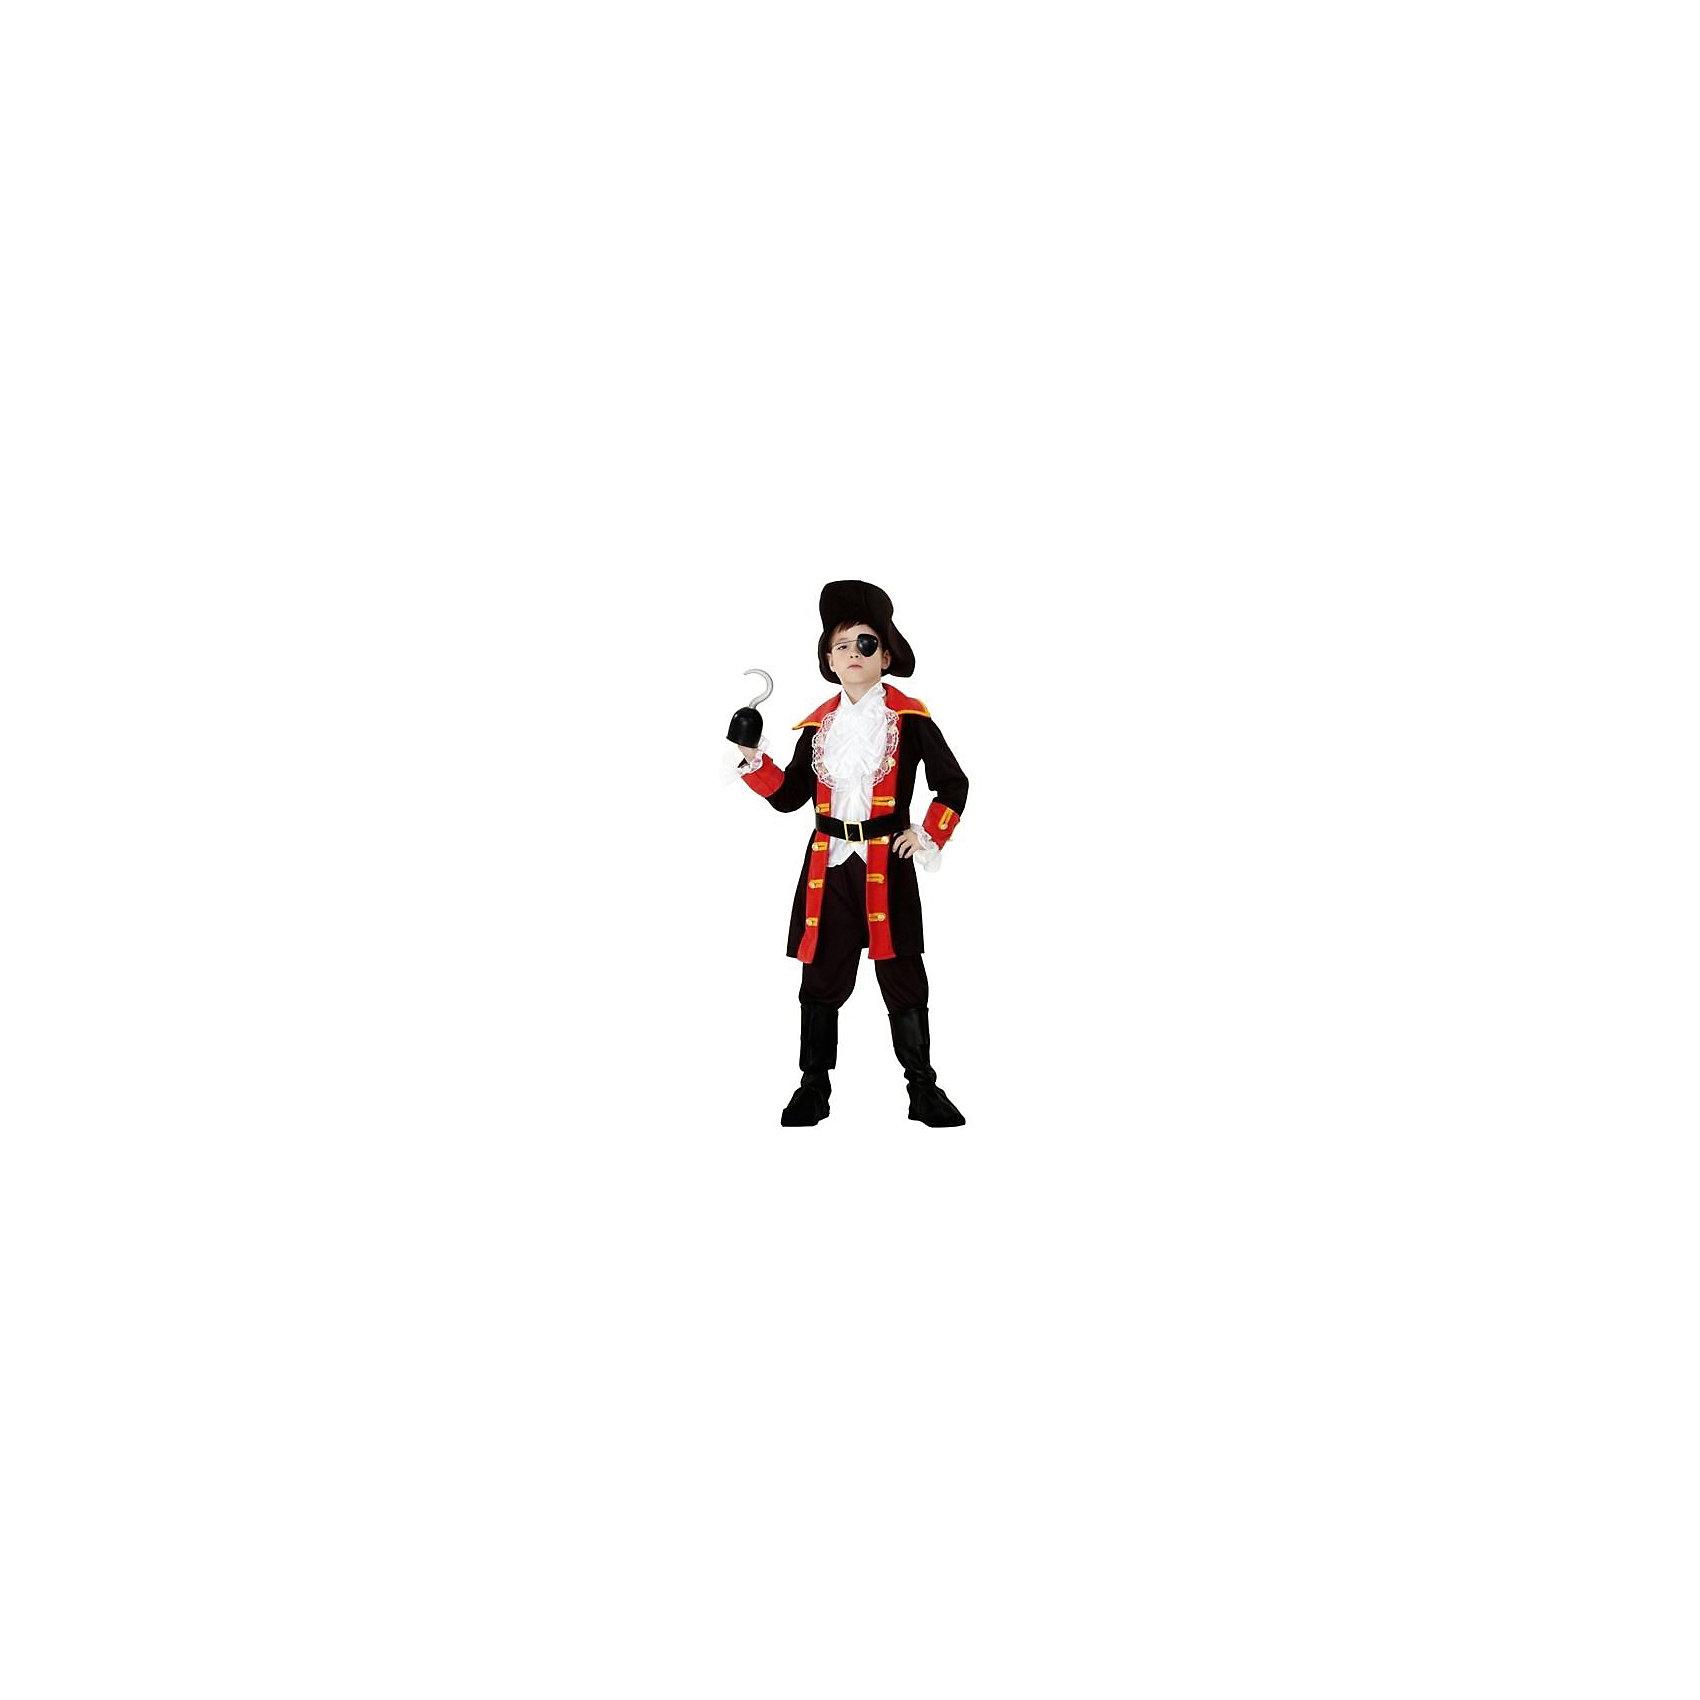 Маскарадный костюм для мальчика Капитан Крюк, 6-8 летМаскарадный костюм для мальчика Капитан Крюк, 6-8 лет – это возможность превратить праздник в необычное, яркое шоу.<br>Маскарадный костюм для мальчика Капитан Крюк по мотивам персонажа мультфильма Питер Пен позволит вашему мальчику быть самым интересным героем на детском утреннике, маскараде и других мероприятиях. Костюм состоит из черного камзола с красным воротником, лацканами и обшлагами, черных штанов, шляпы и пояса с пряжкой. Наряд грозного пирата дополнен повязкой на глаз и пластиковым крюком на руку. С таким маскарадным костюмом веселое настроение и масса положительных эмоций будут обеспечены!<br><br>Дополнительная информация:<br><br>- Комплектация: камзол, штаны, воротник, шляпа, повязка на глаз, пояс, аксессуар на руку пиратский крюк из пластика<br>- Возраста: от 6 до 8 лет<br>- Рост: 125 см.<br>- Обхват груди: 65 см.<br>- Обхват талии: 57 см.<br>- Материал: полиэстер, трикотаж<br><br>Маскарадный костюм для мальчика Капитан Крюк, 6-8 лет можно купить в нашем интернет-магазине.<br><br>Ширина мм: 400<br>Глубина мм: 500<br>Высота мм: 50<br>Вес г: 550<br>Возраст от месяцев: 72<br>Возраст до месяцев: 96<br>Пол: Мужской<br>Возраст: Детский<br>SKU: 4280653